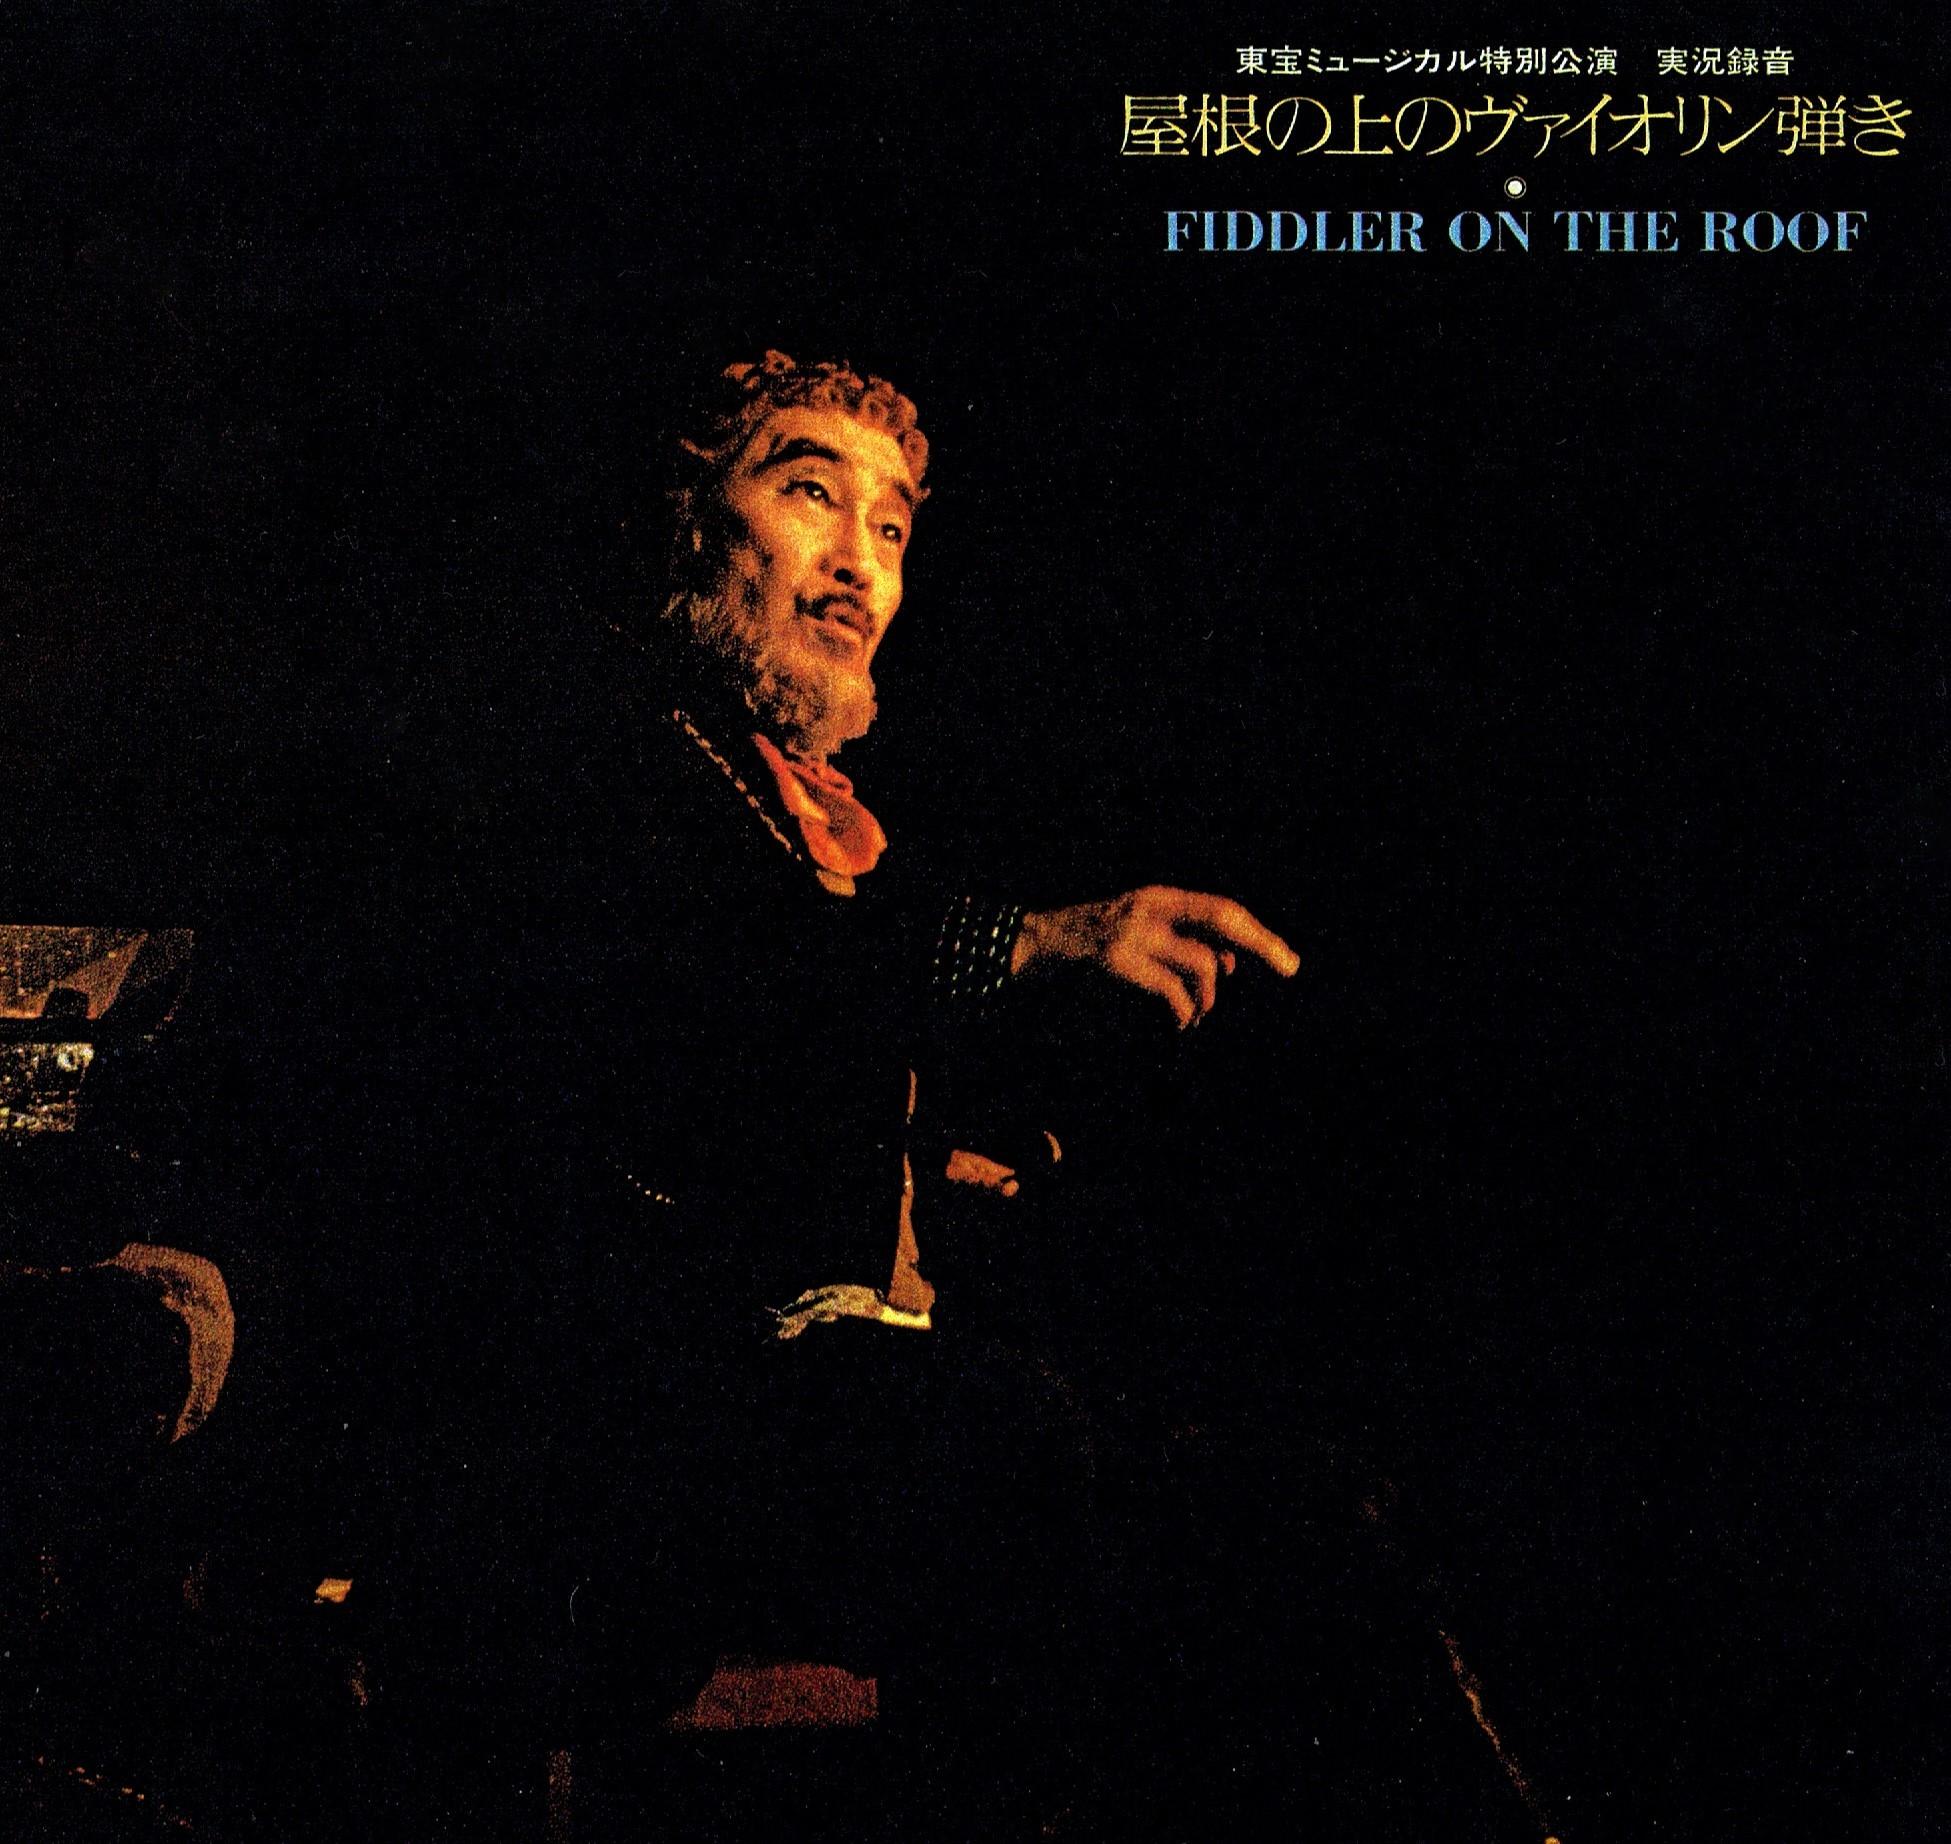 これは森繁久彌(1913~2009年)の公演を収録した、2枚組ライブ録音CD(1981年/名古屋・中日劇場)。残念ながら現在は廃盤だ。